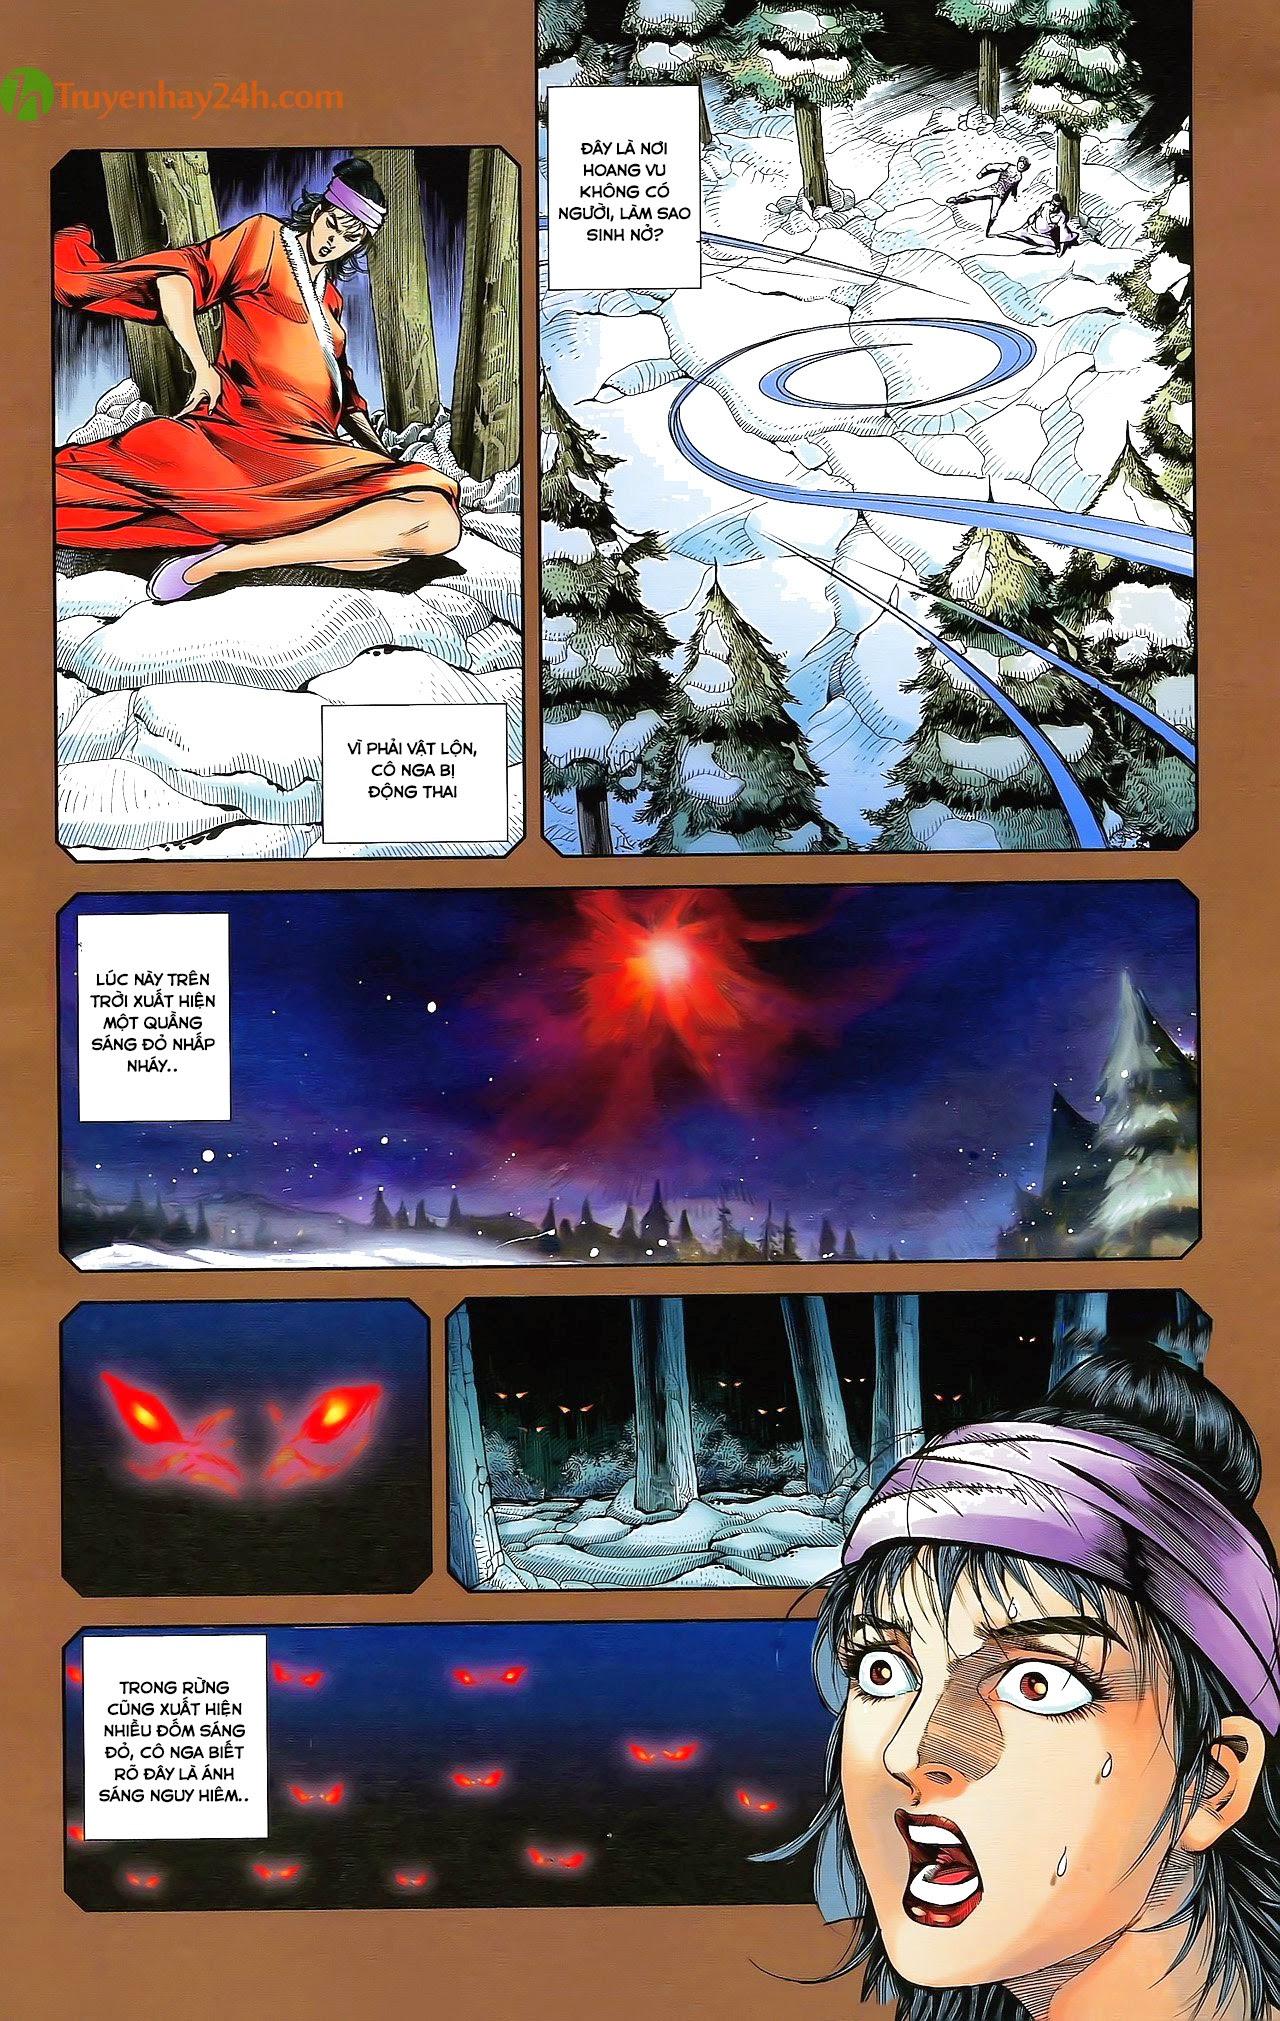 Tần Vương Doanh Chính chapter 29.2 trang 12